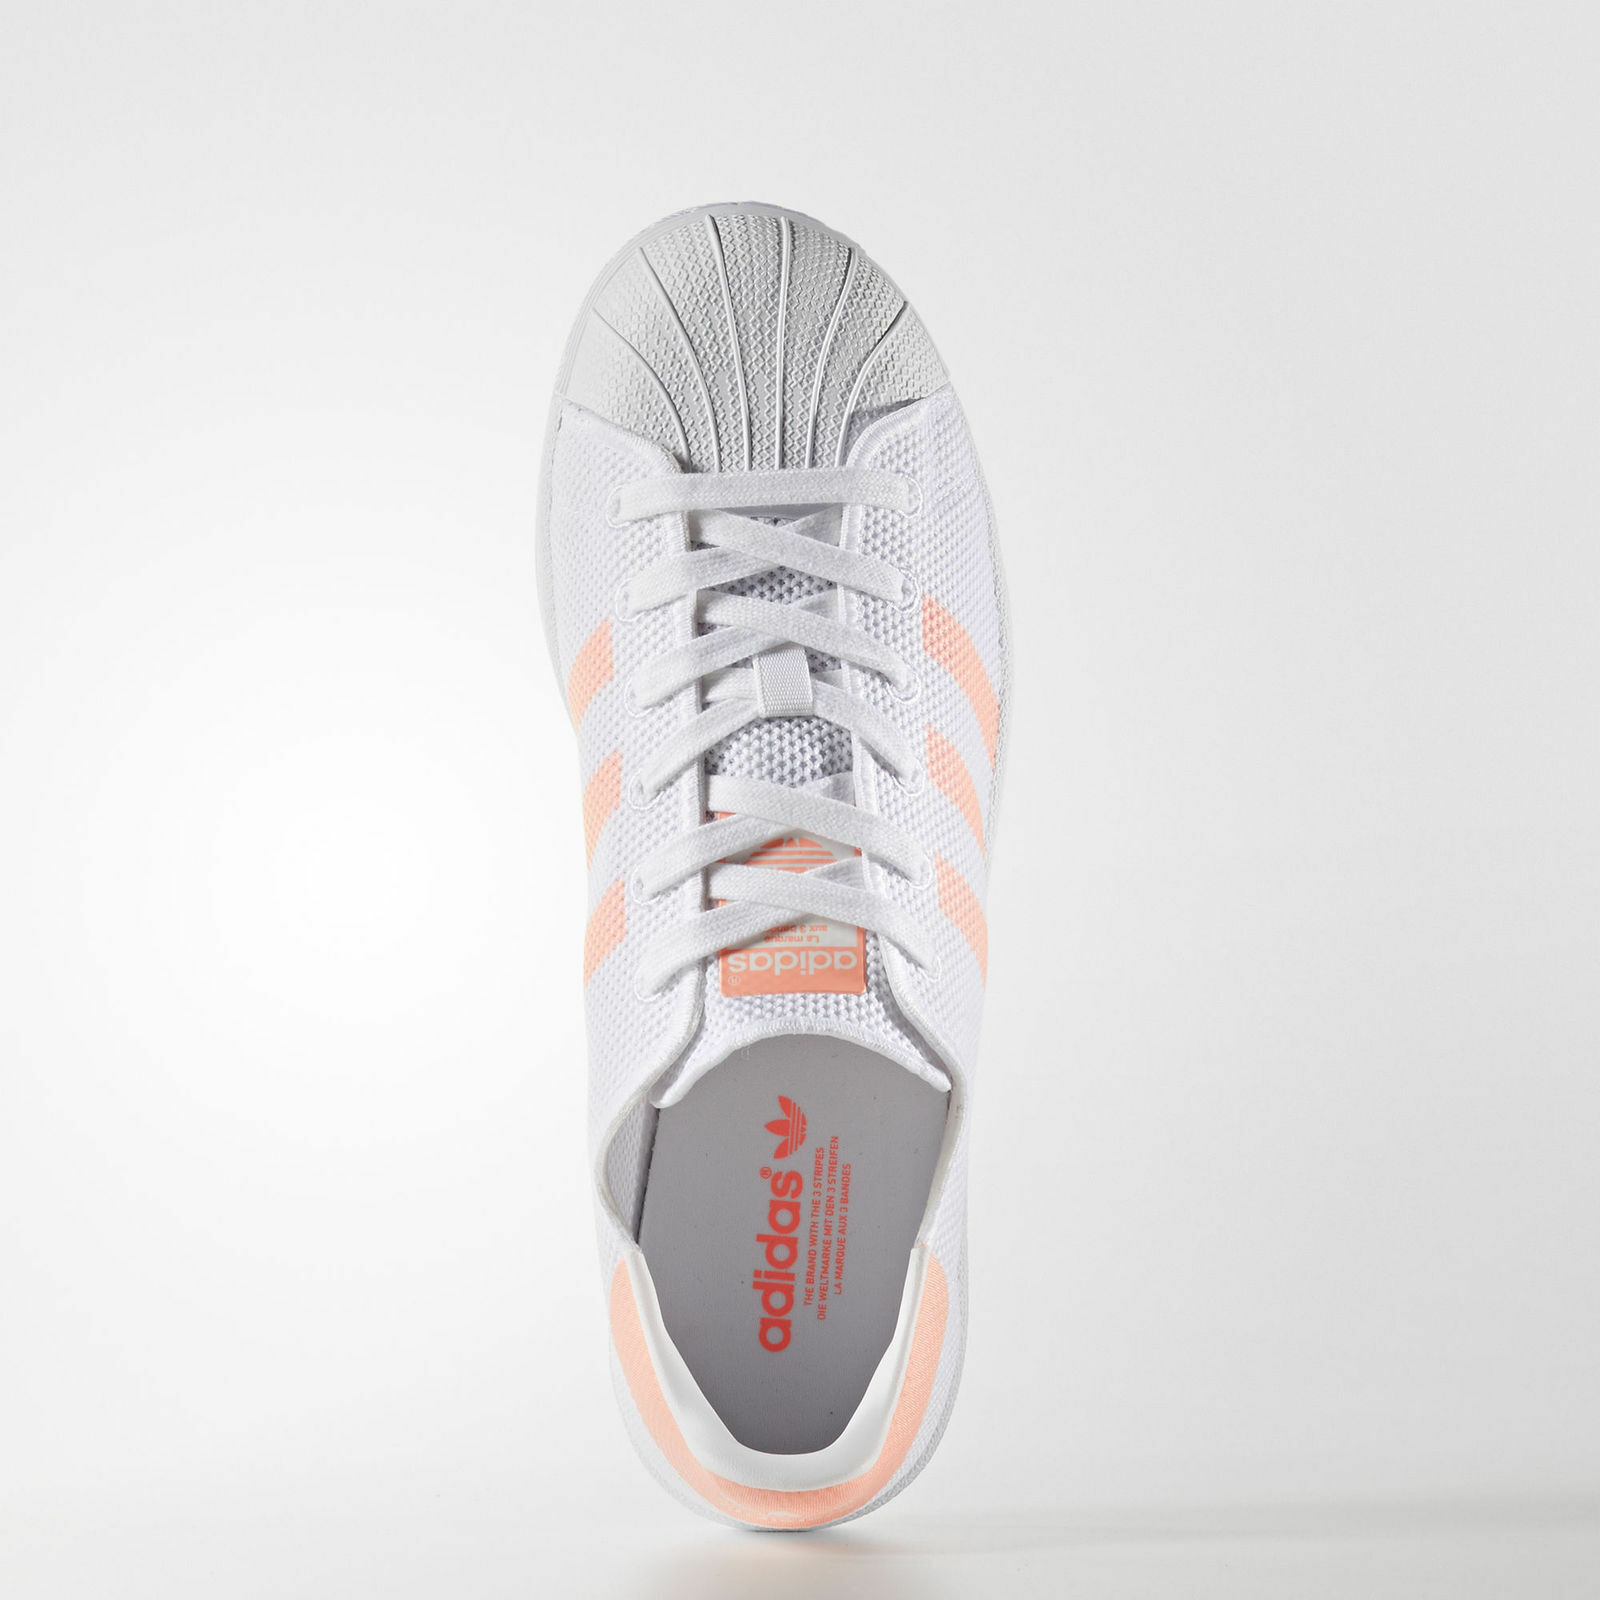 Adidas superstar scarpe originali ba7736 scarpe da donna bianca di 8 | Primo nella sua classe  | Uomini/Donna Scarpa